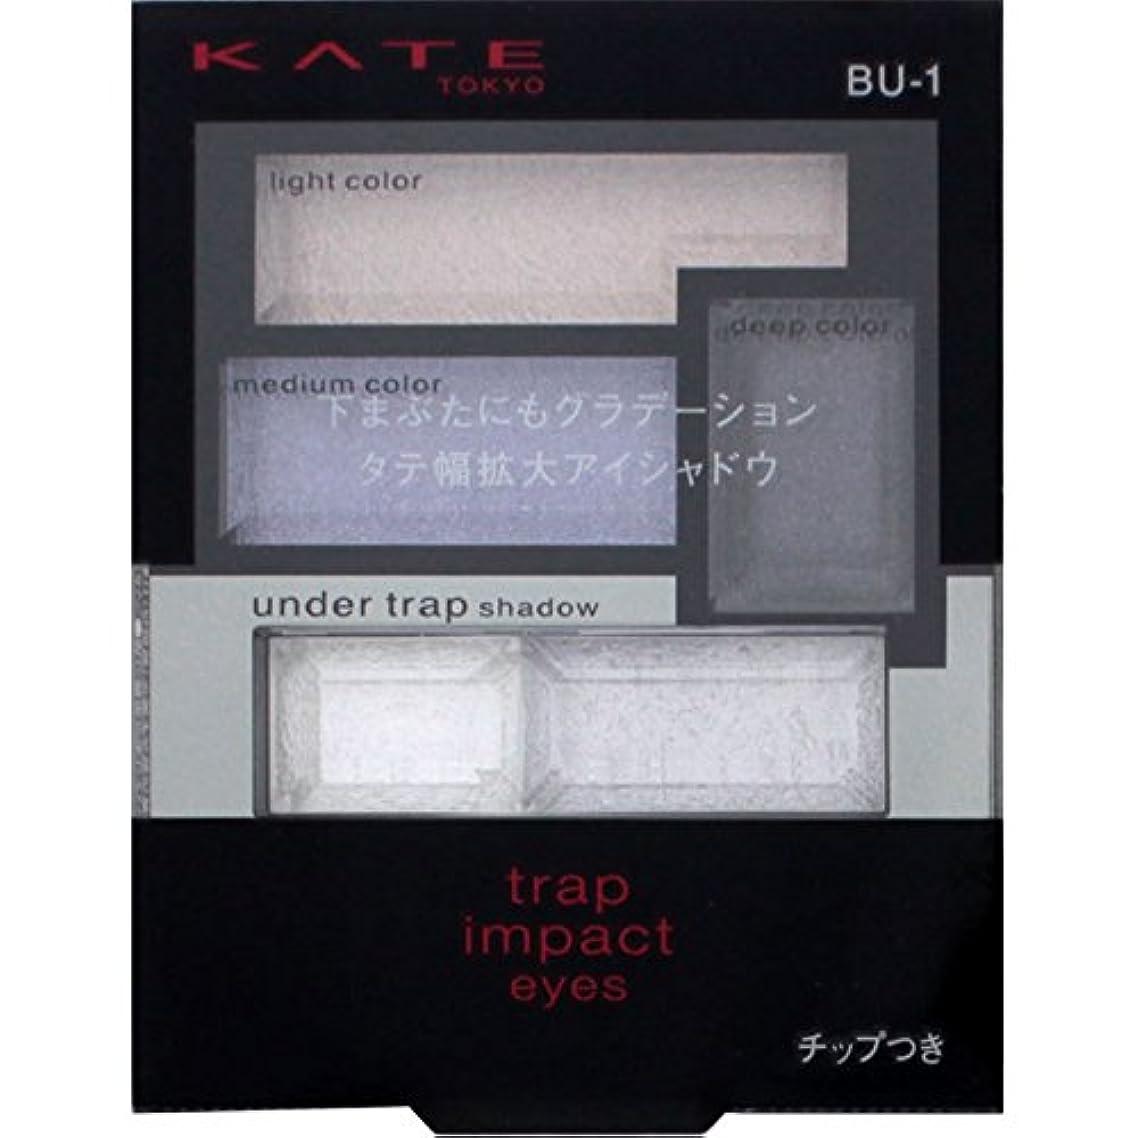 略す結核韻カネボウ ケイト トラップインパクトアイズ BU-1